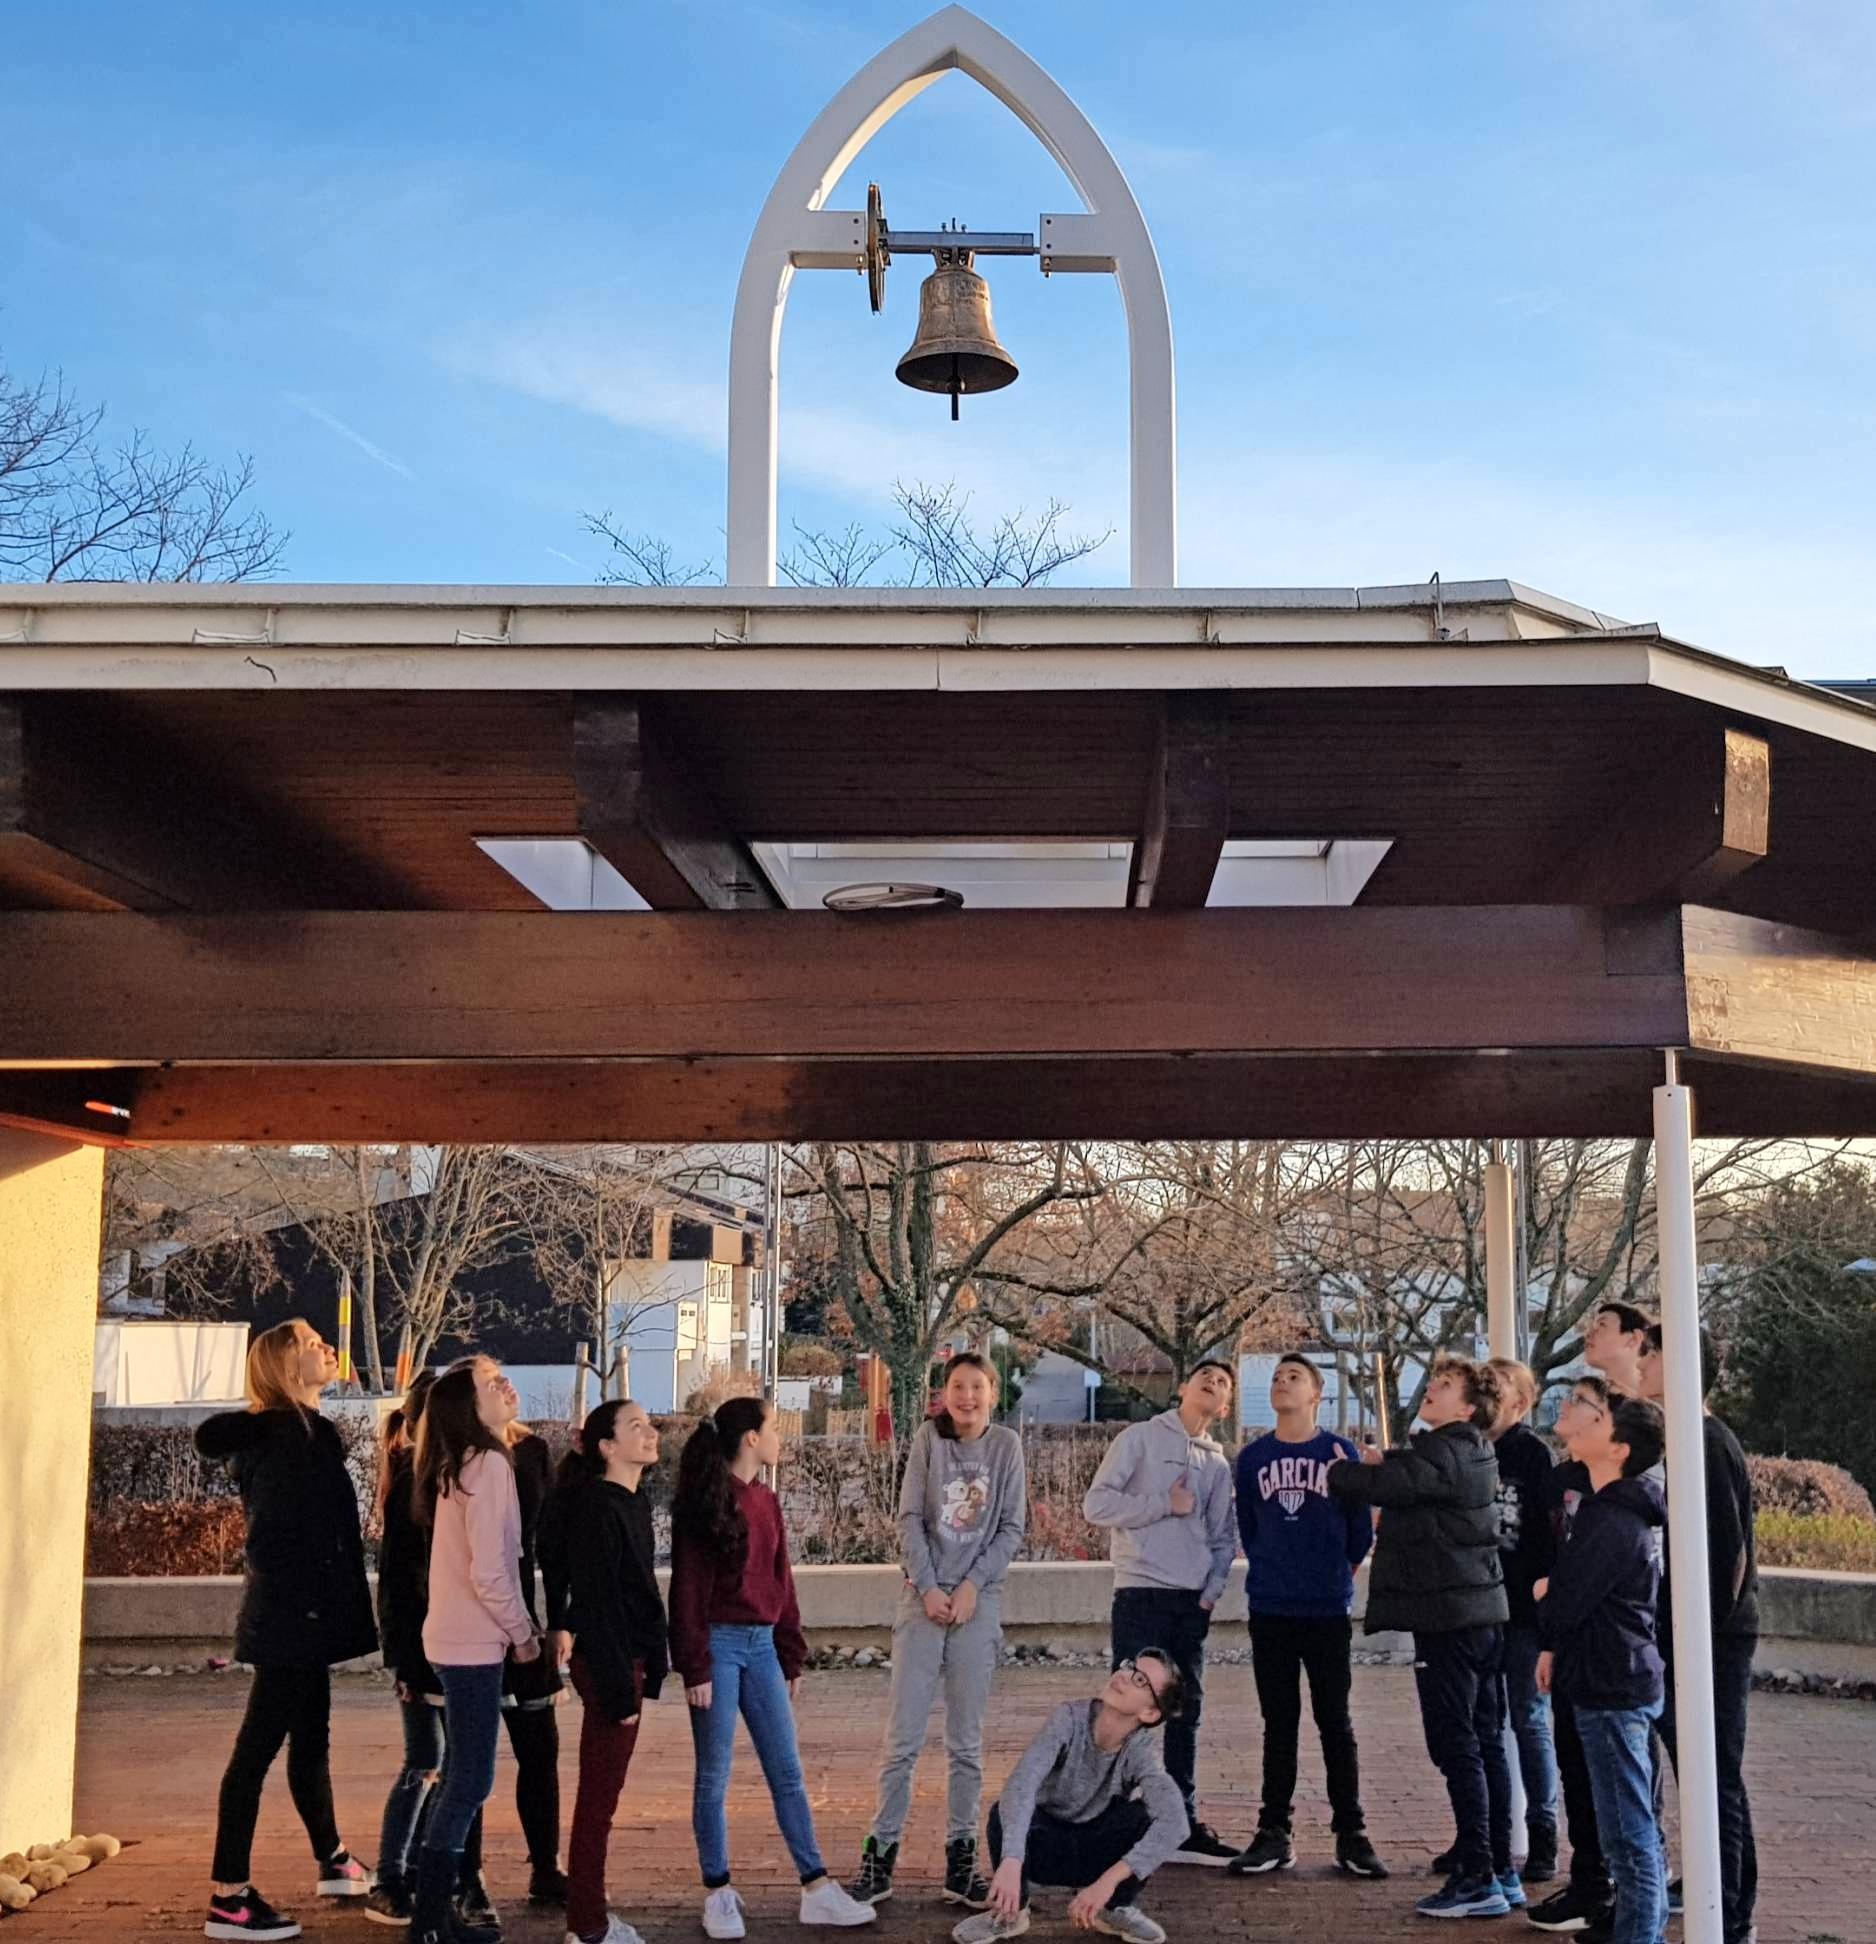 Mit einem feierlichen Gottesdienst wird die Buga-Glocke, die Gläubige jetzt zum Gottesdienst in der Martin-Luther-Kirche ruft, eingeweiht. Angebracht wurde sie an einem eigens entworfenen Glockenträger im gotischen Stil, der gut mit der modernen Architektur der Kirchenterrasse harmoniert. Fotos: privat